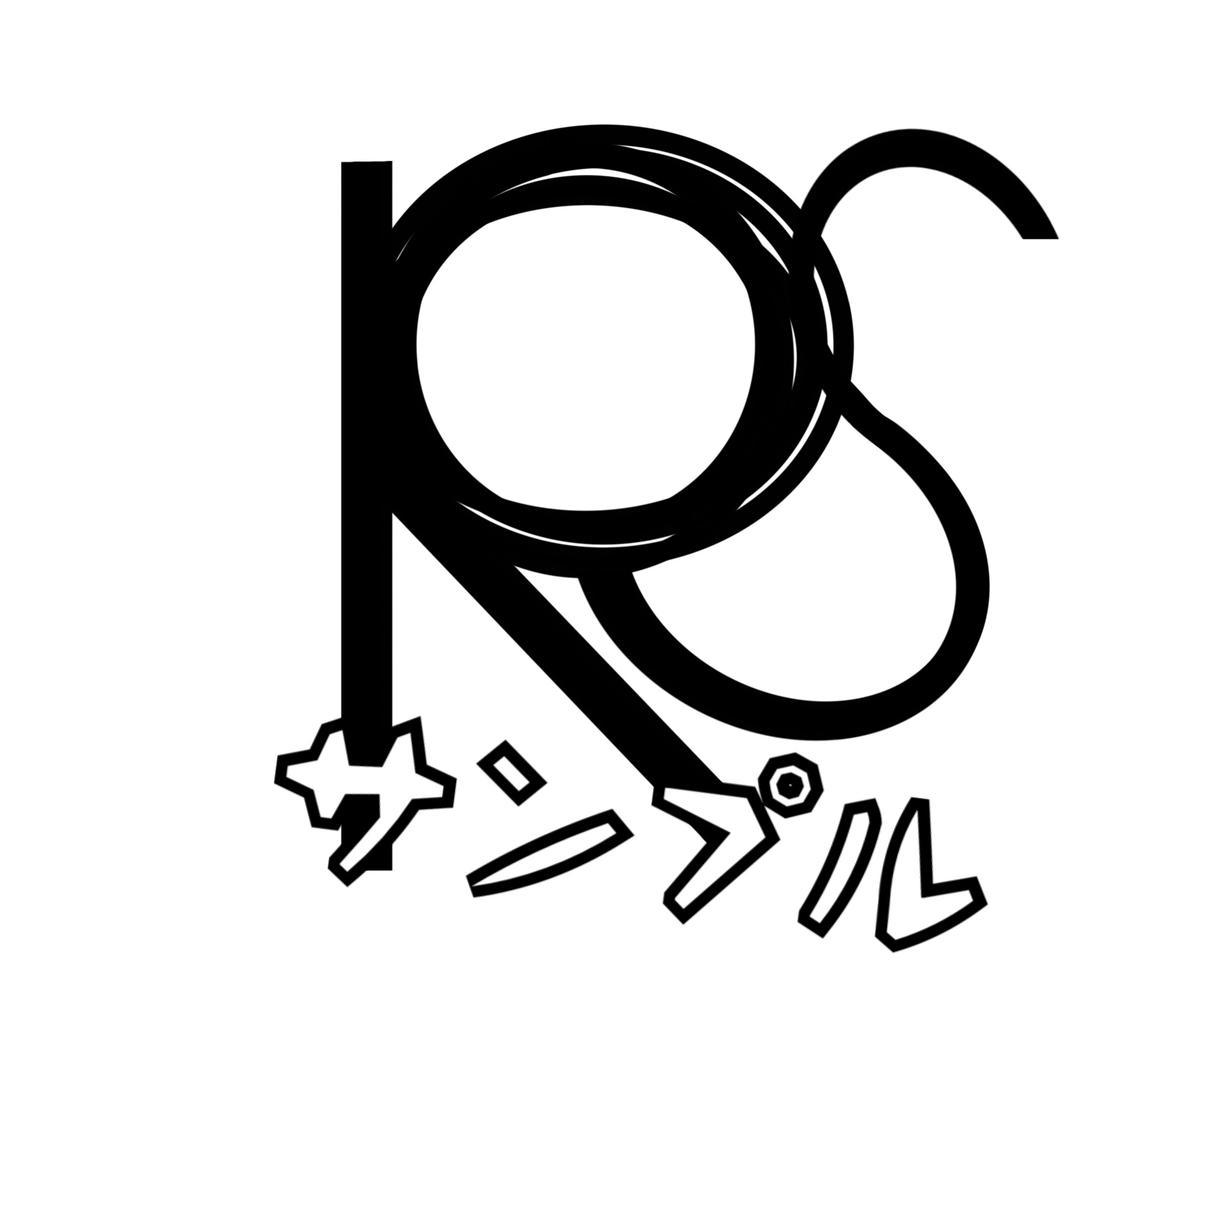 シンプルのロゴを作ります オリジナルかつシンプルのロゴをお作りします! イメージ1